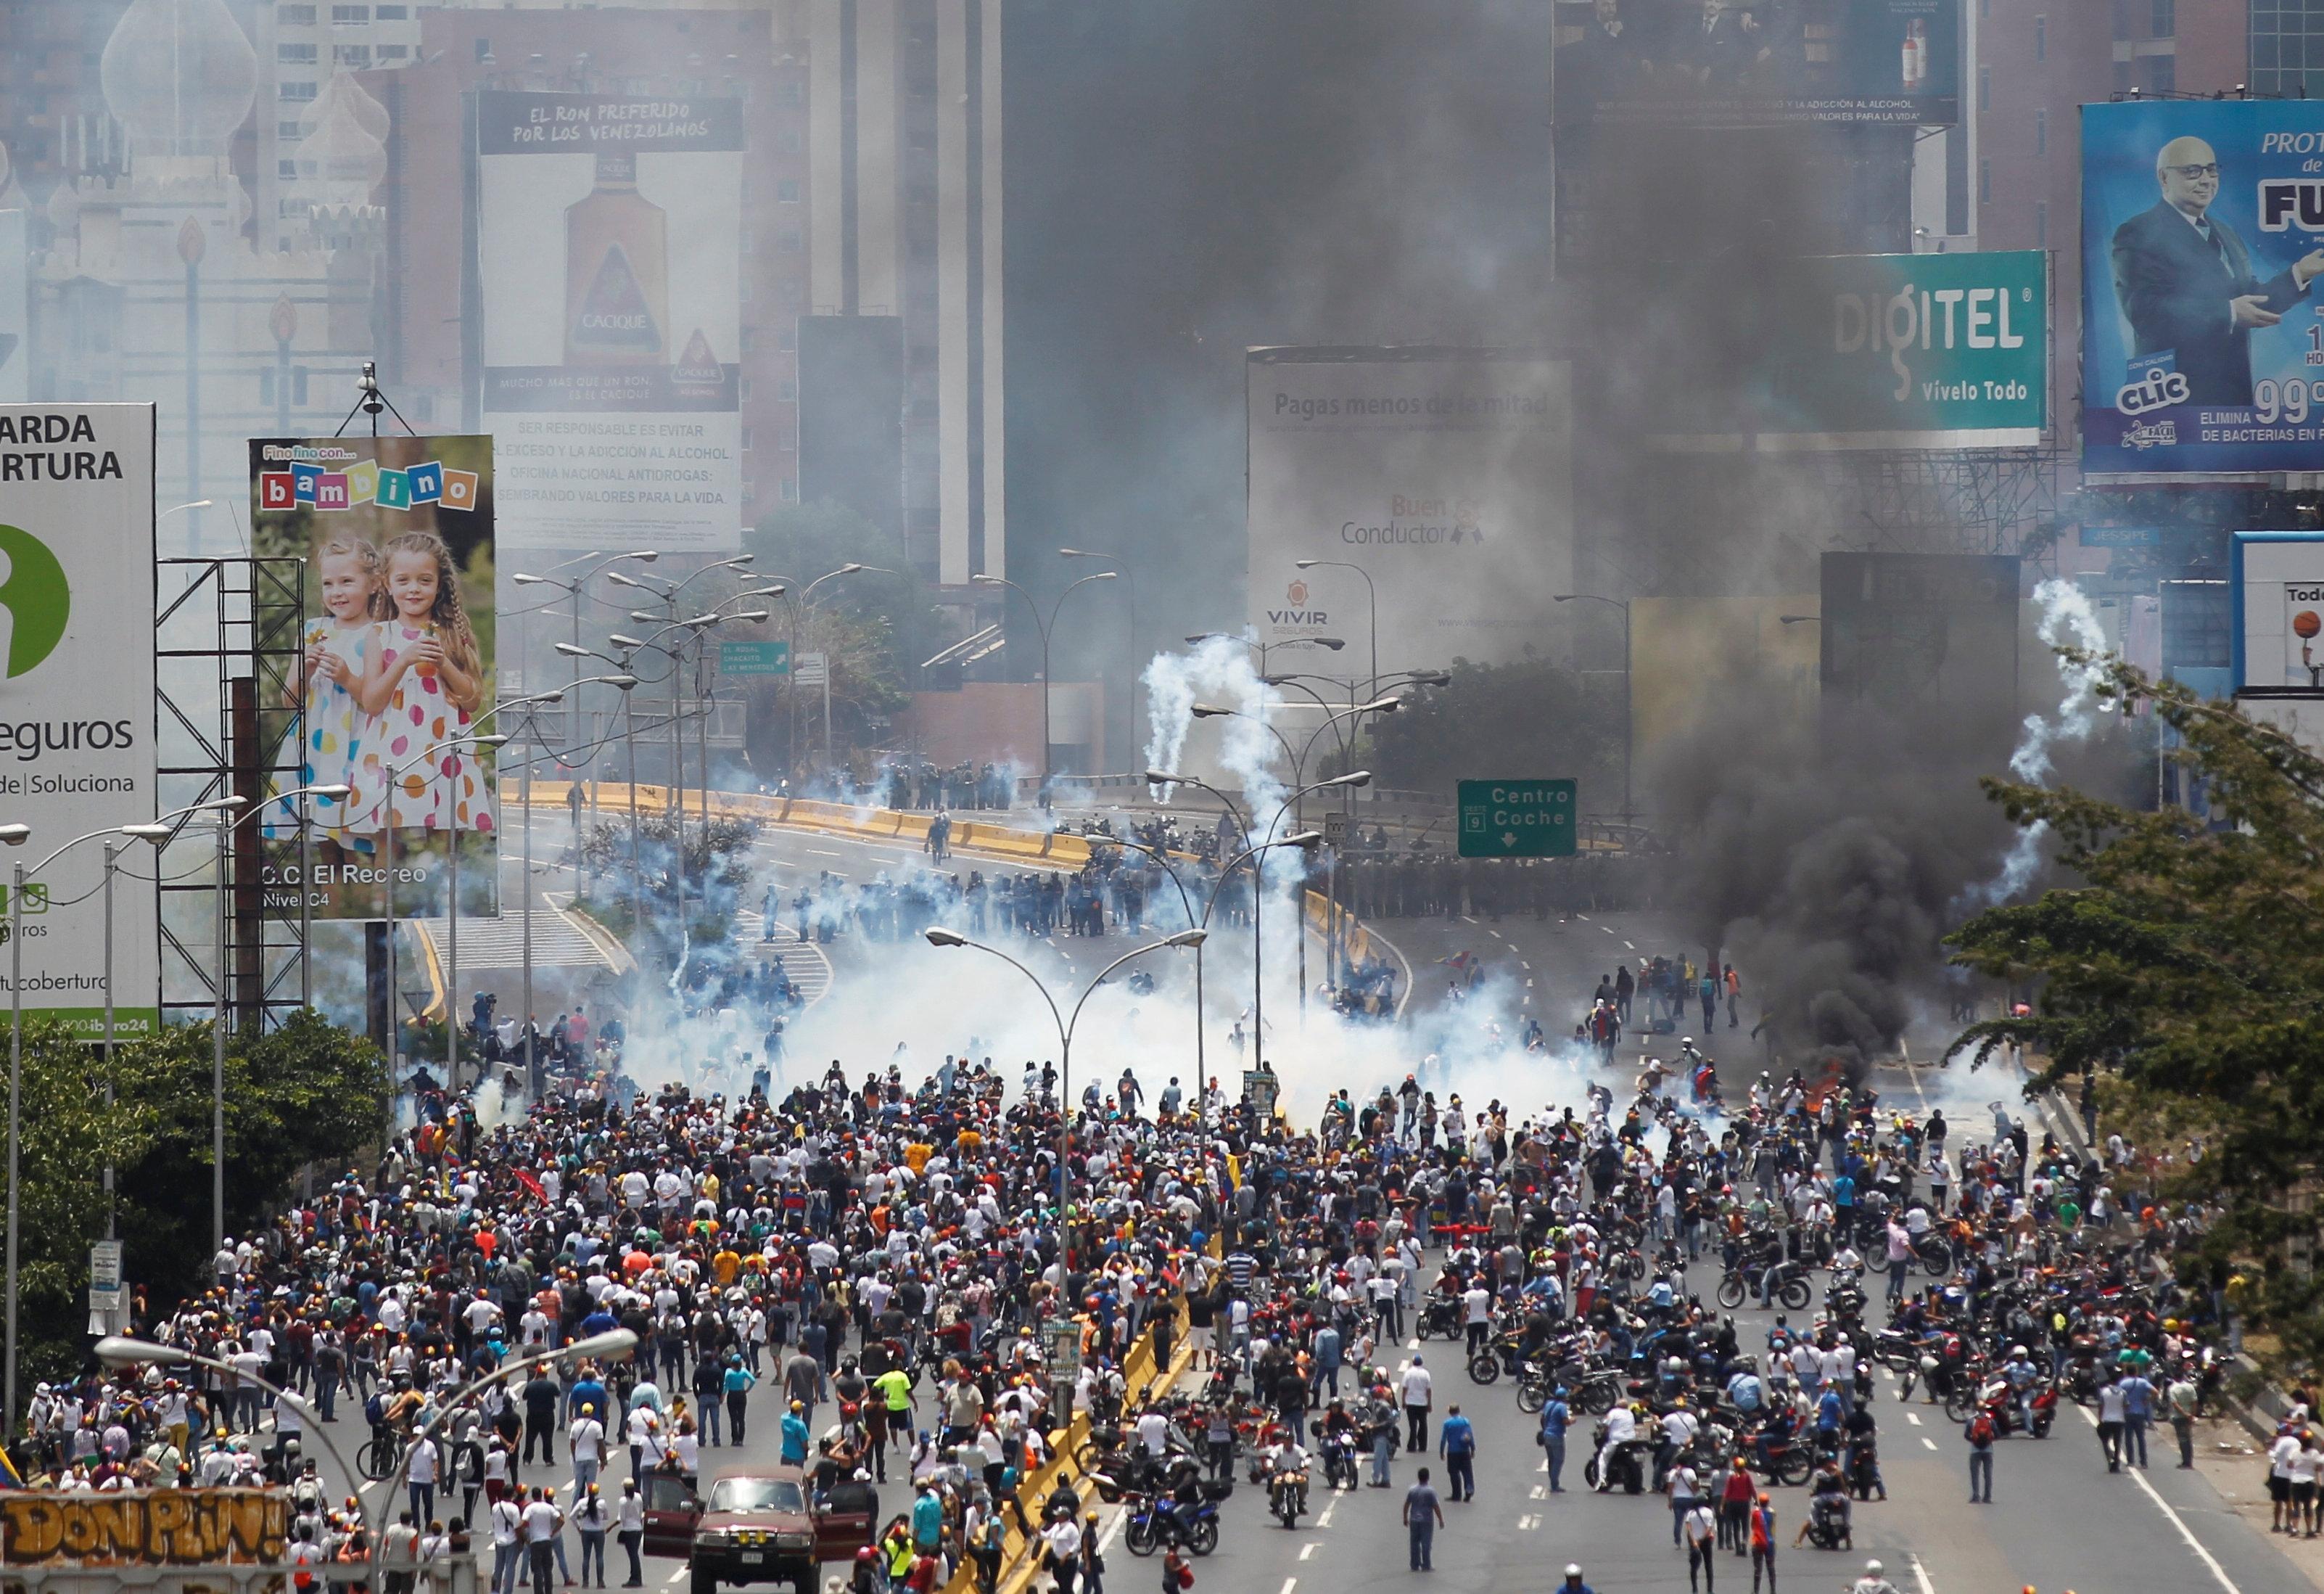 Policías antidisturbios y opositores al Gobierno de Nicolás Maduro enfrentados durante una manifestación en Caracas, abr 10, 2017. Miles de simpatizantes de la oposición venezolana volvieron el lunes a las calles del país petrolero para protestar contra el presidente Nicolás Maduro, al que acusan de haber desvirtuado su gobierno convirtiéndolo en una dictadura.  REUTERS/Christian Veron